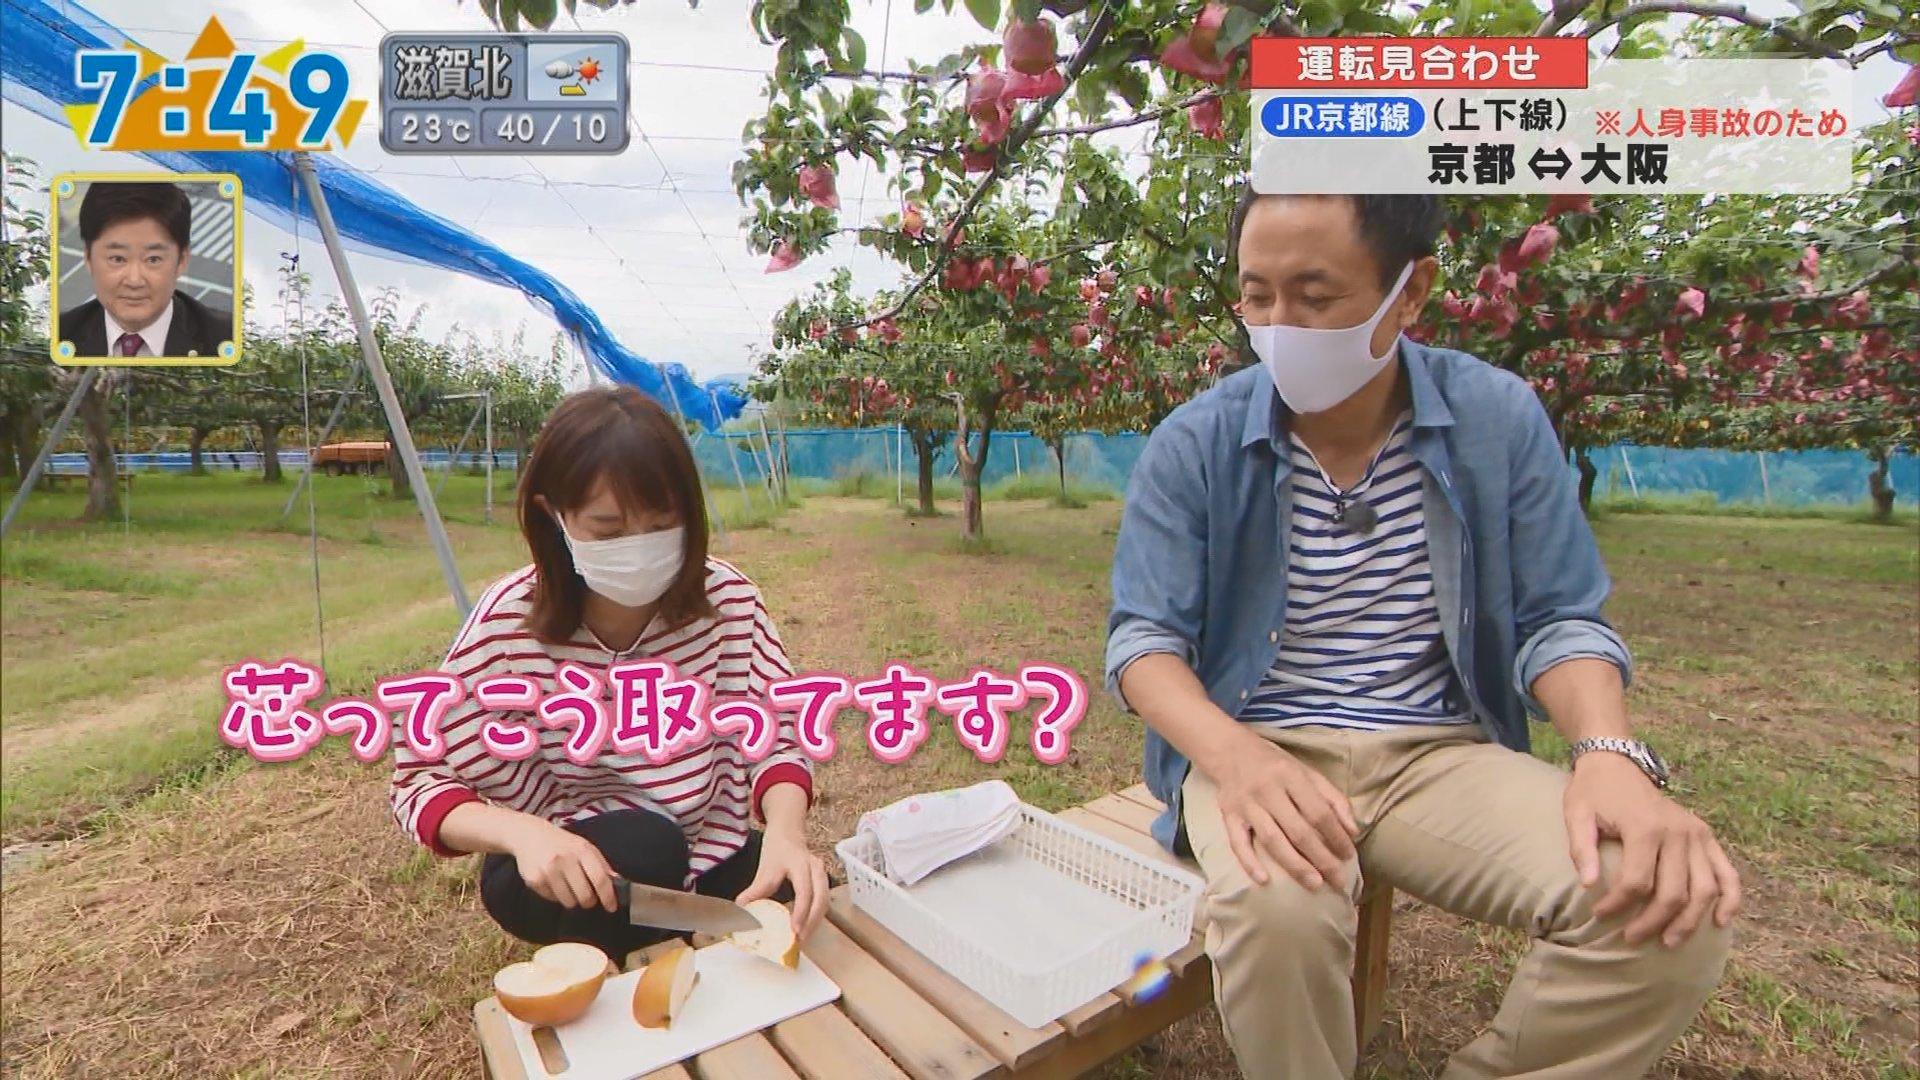 澤田アナの料理シーン